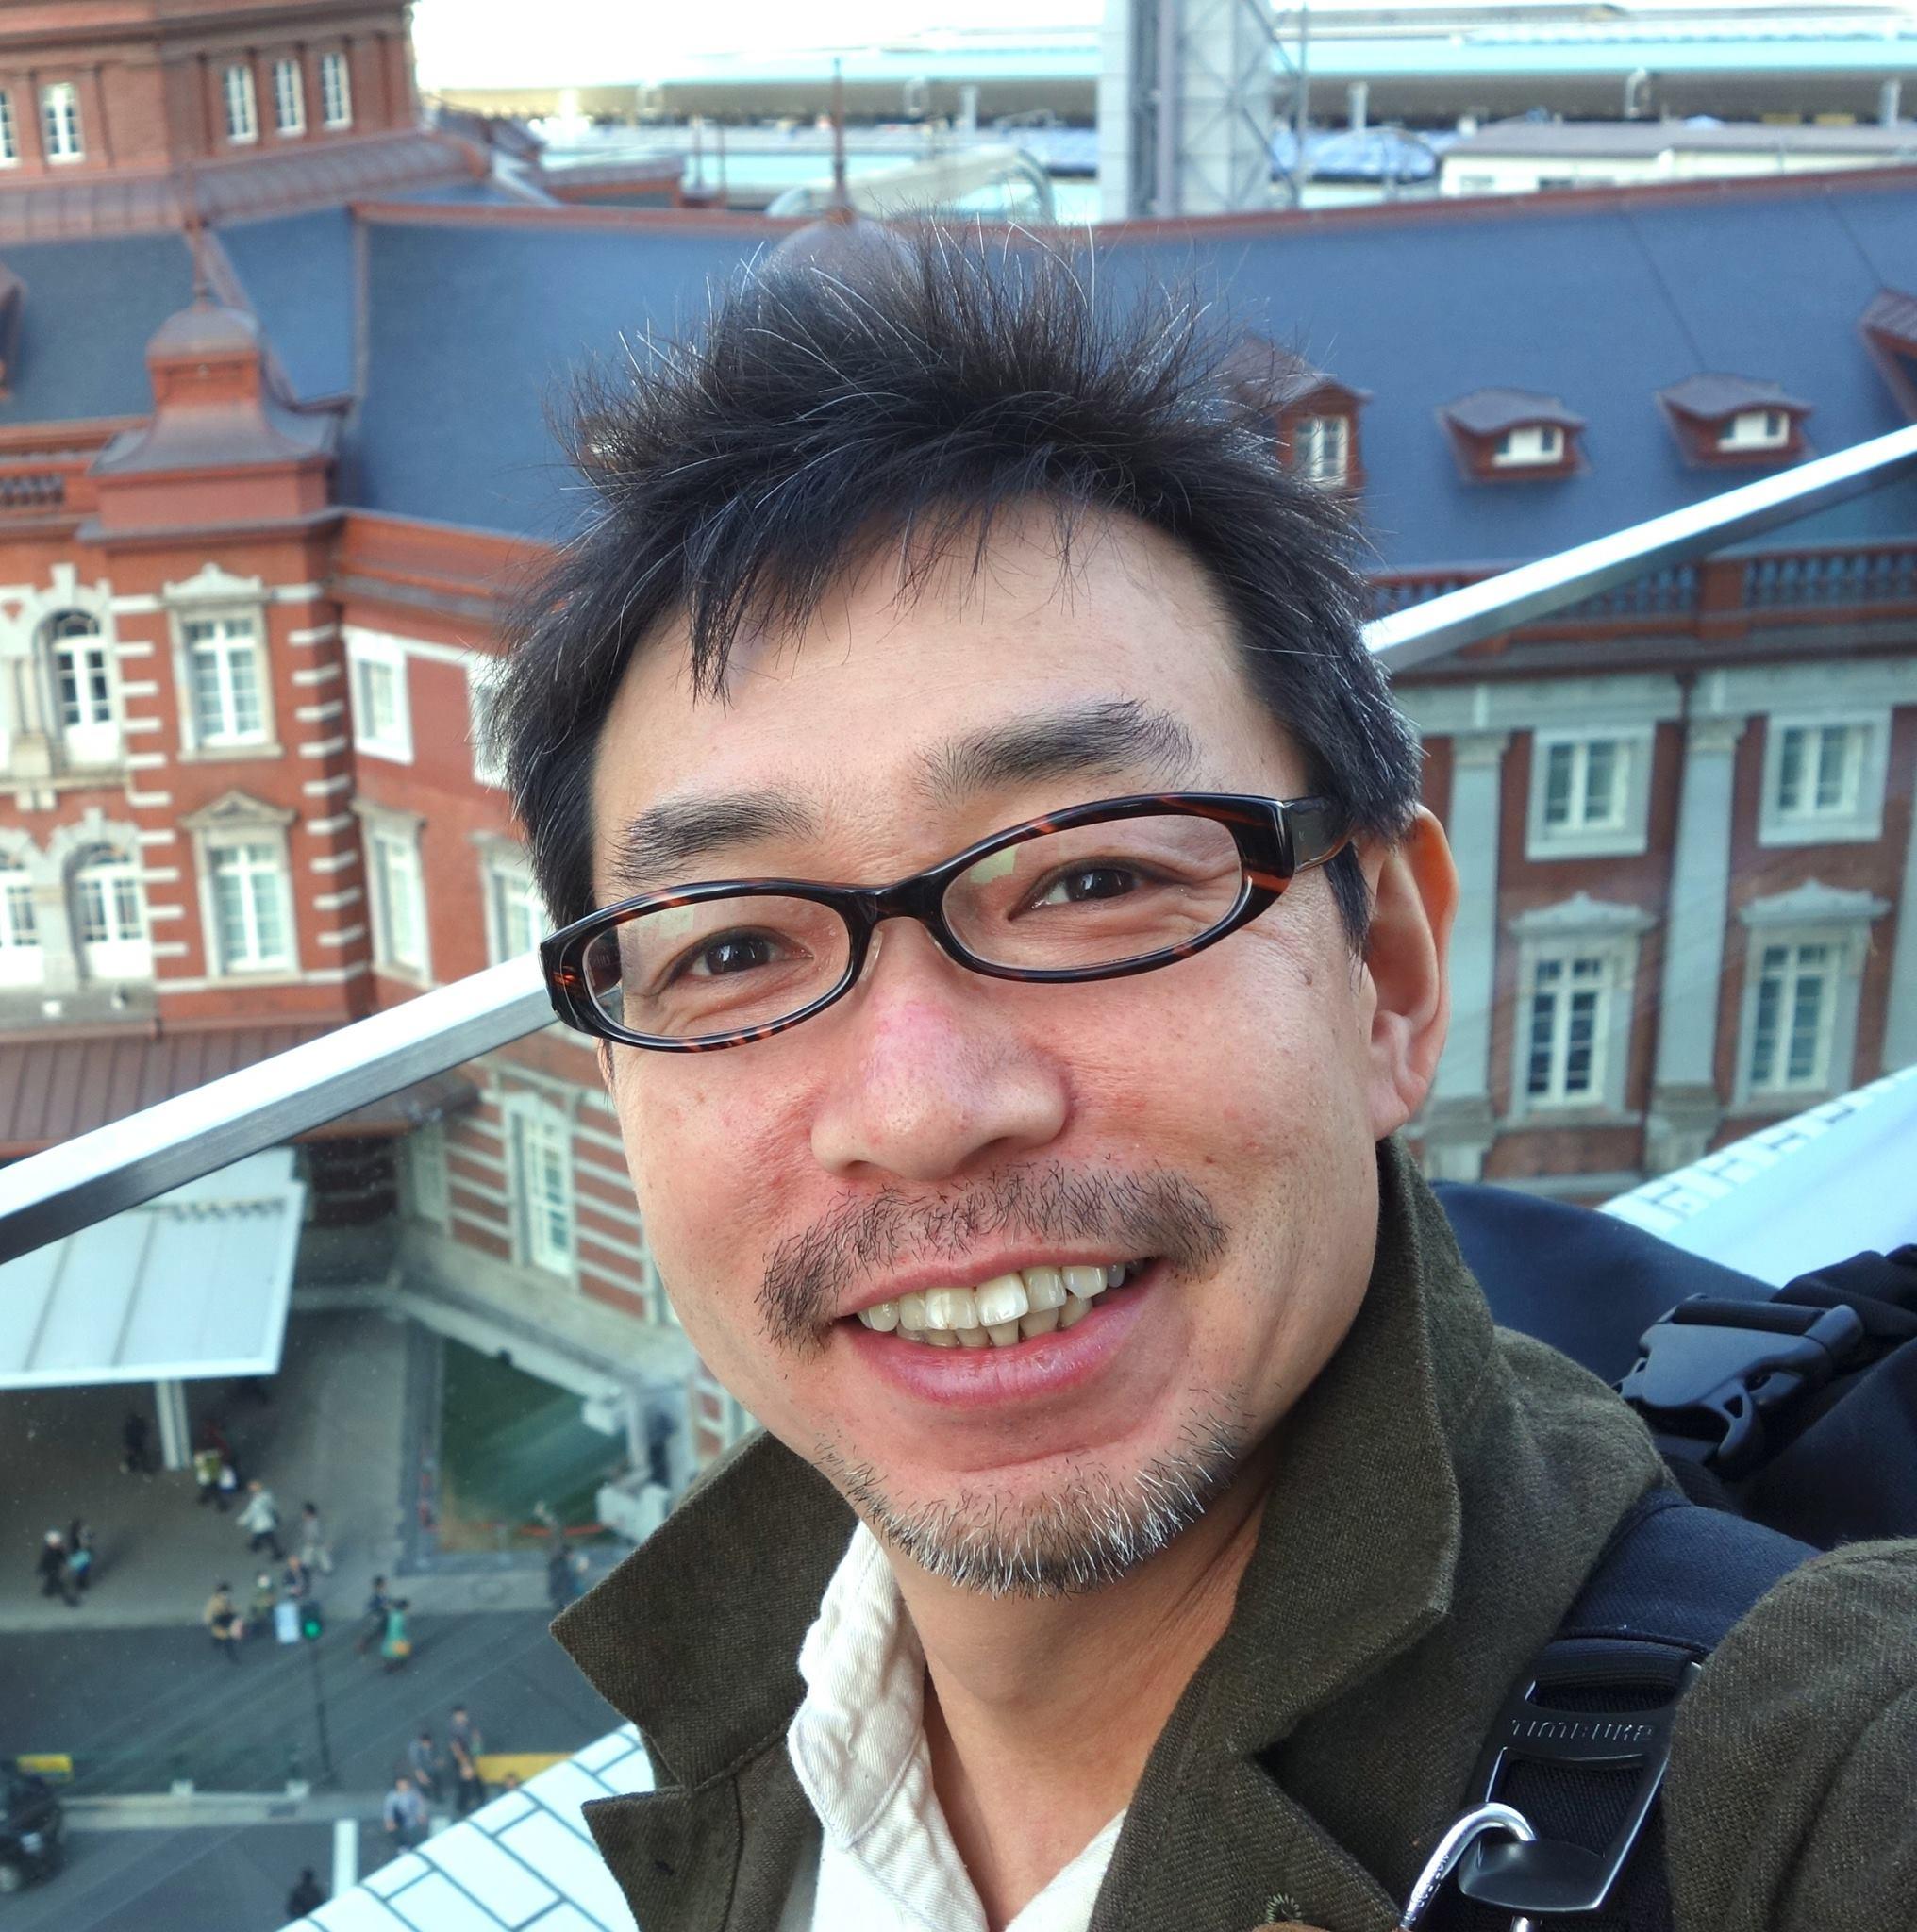 お客さまの声「バイラルメイクワークショップ」兵庫県姫路市でクリニックを開業されるnovo式®開発者・医師の龍見昇さんより